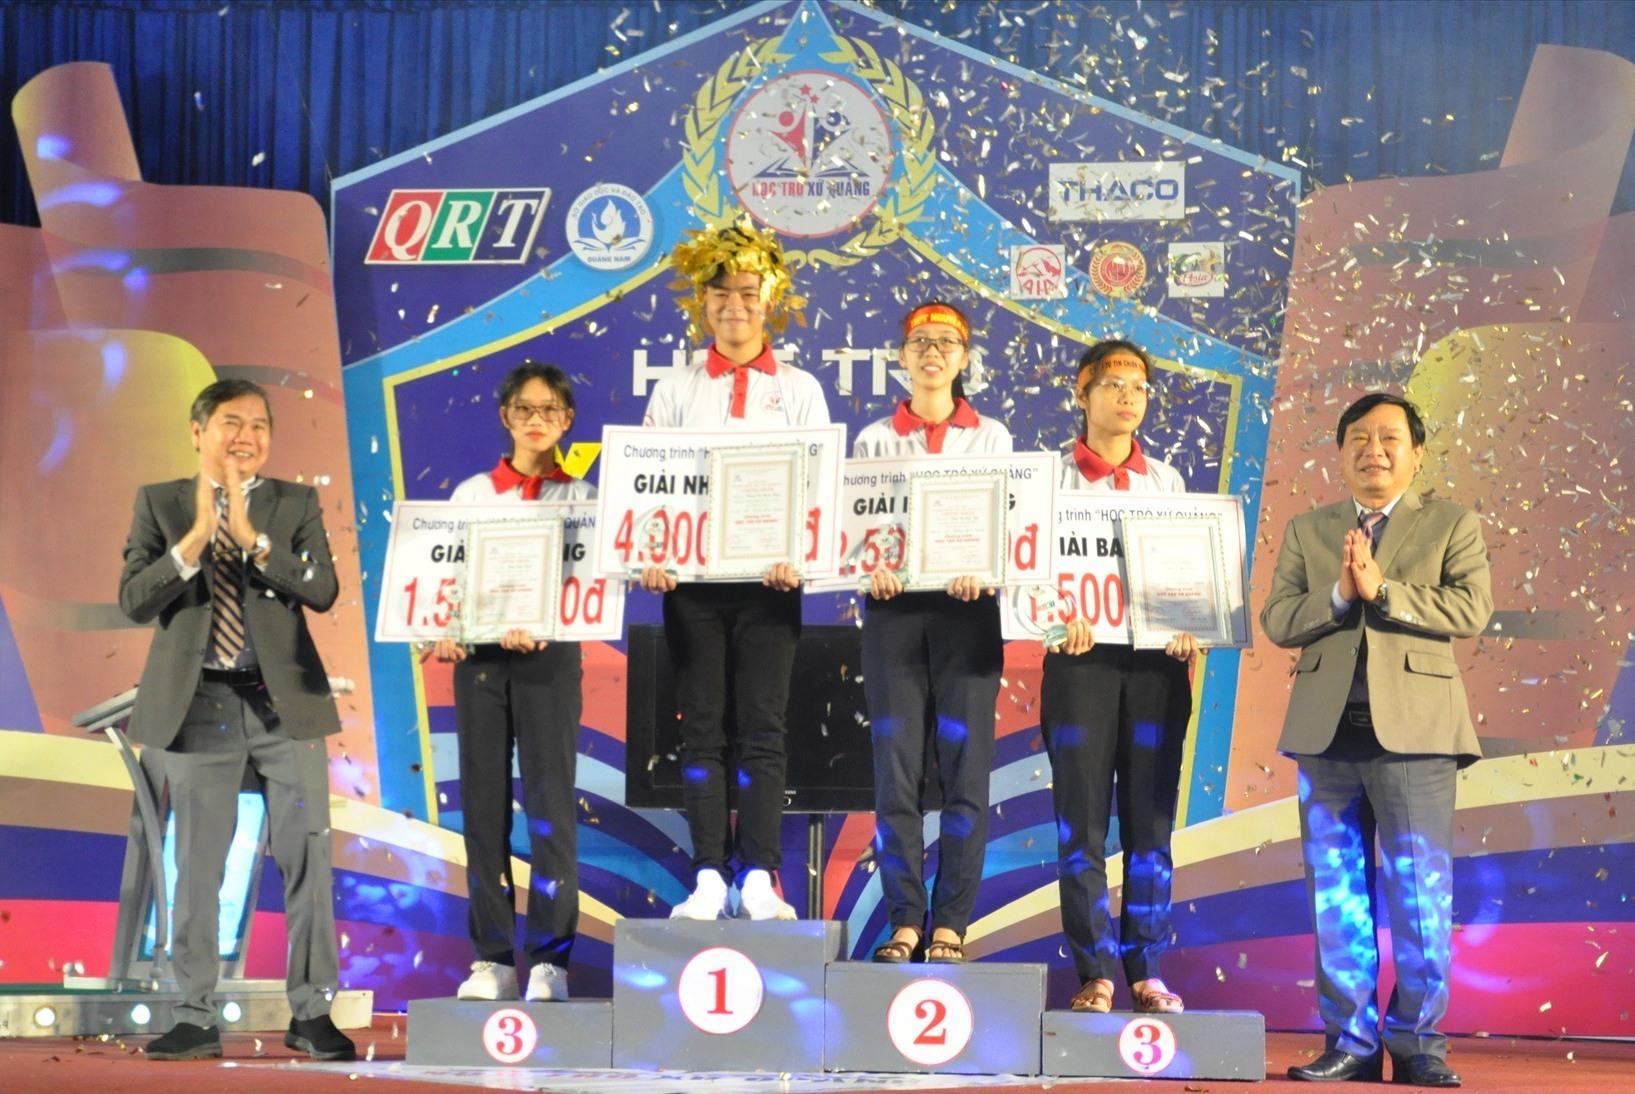 Ban tổ chức tặng thưởng cho các thí sinh sau khi kết thúc cuộc thi tháng đầu tiên. Ảnh: X.P